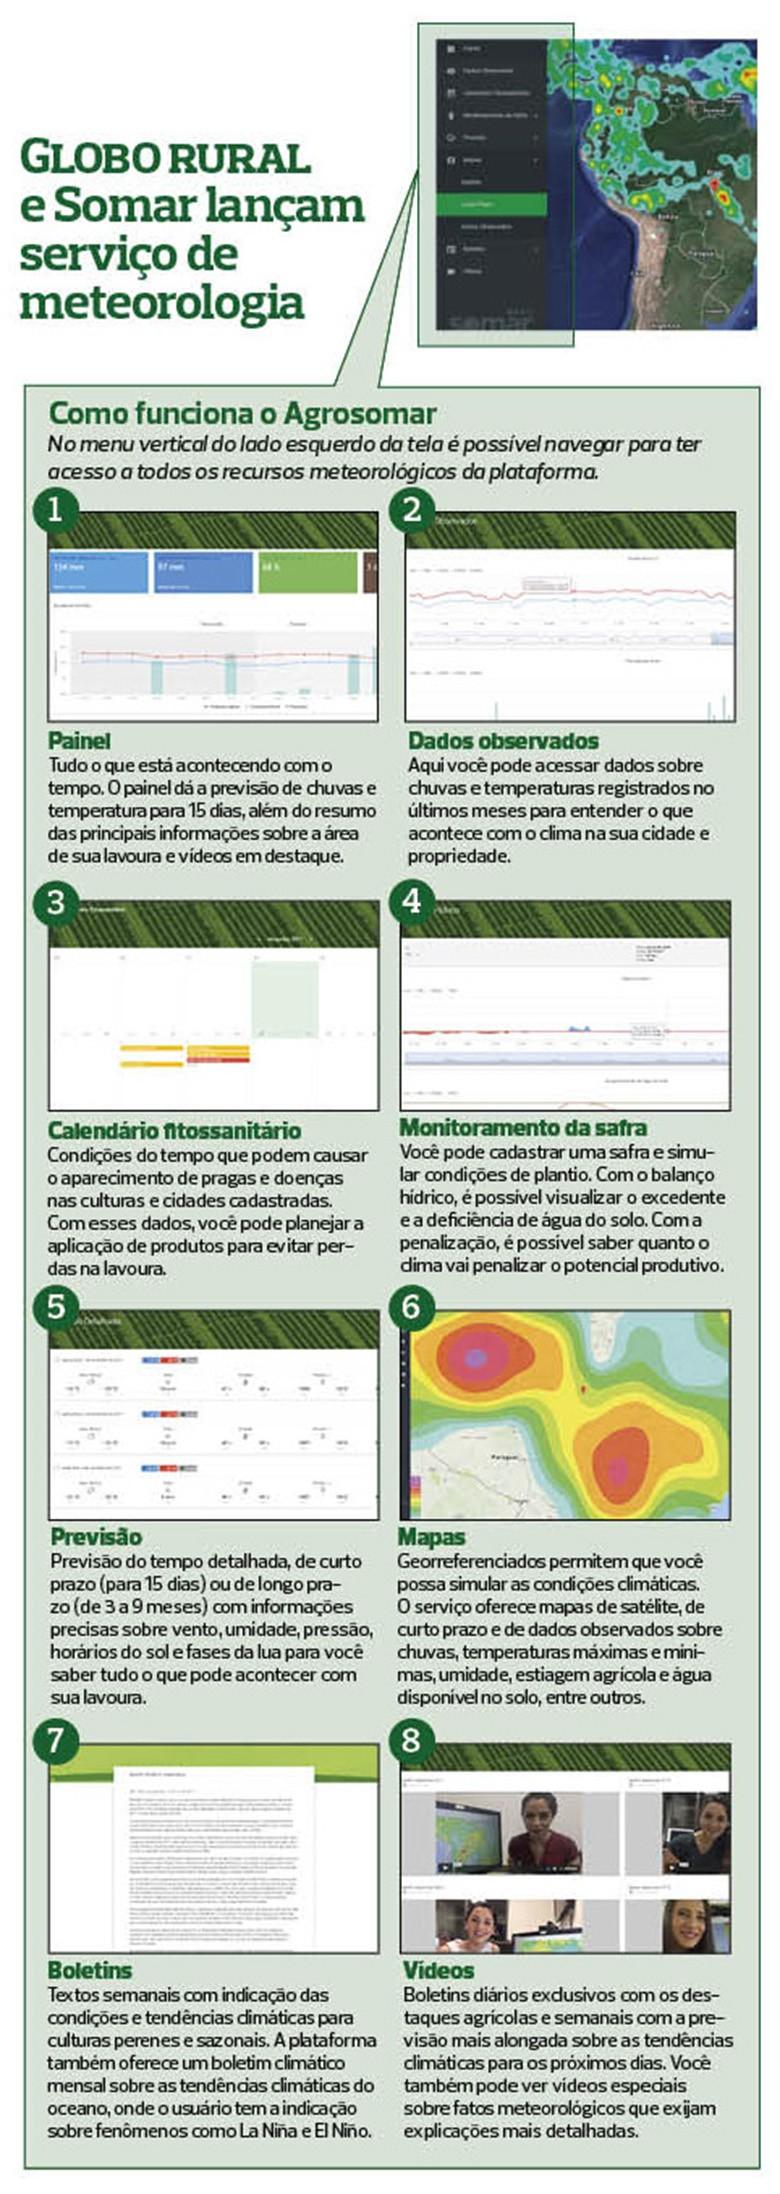 agrosomar-infografico (Foto: Globo Rural)